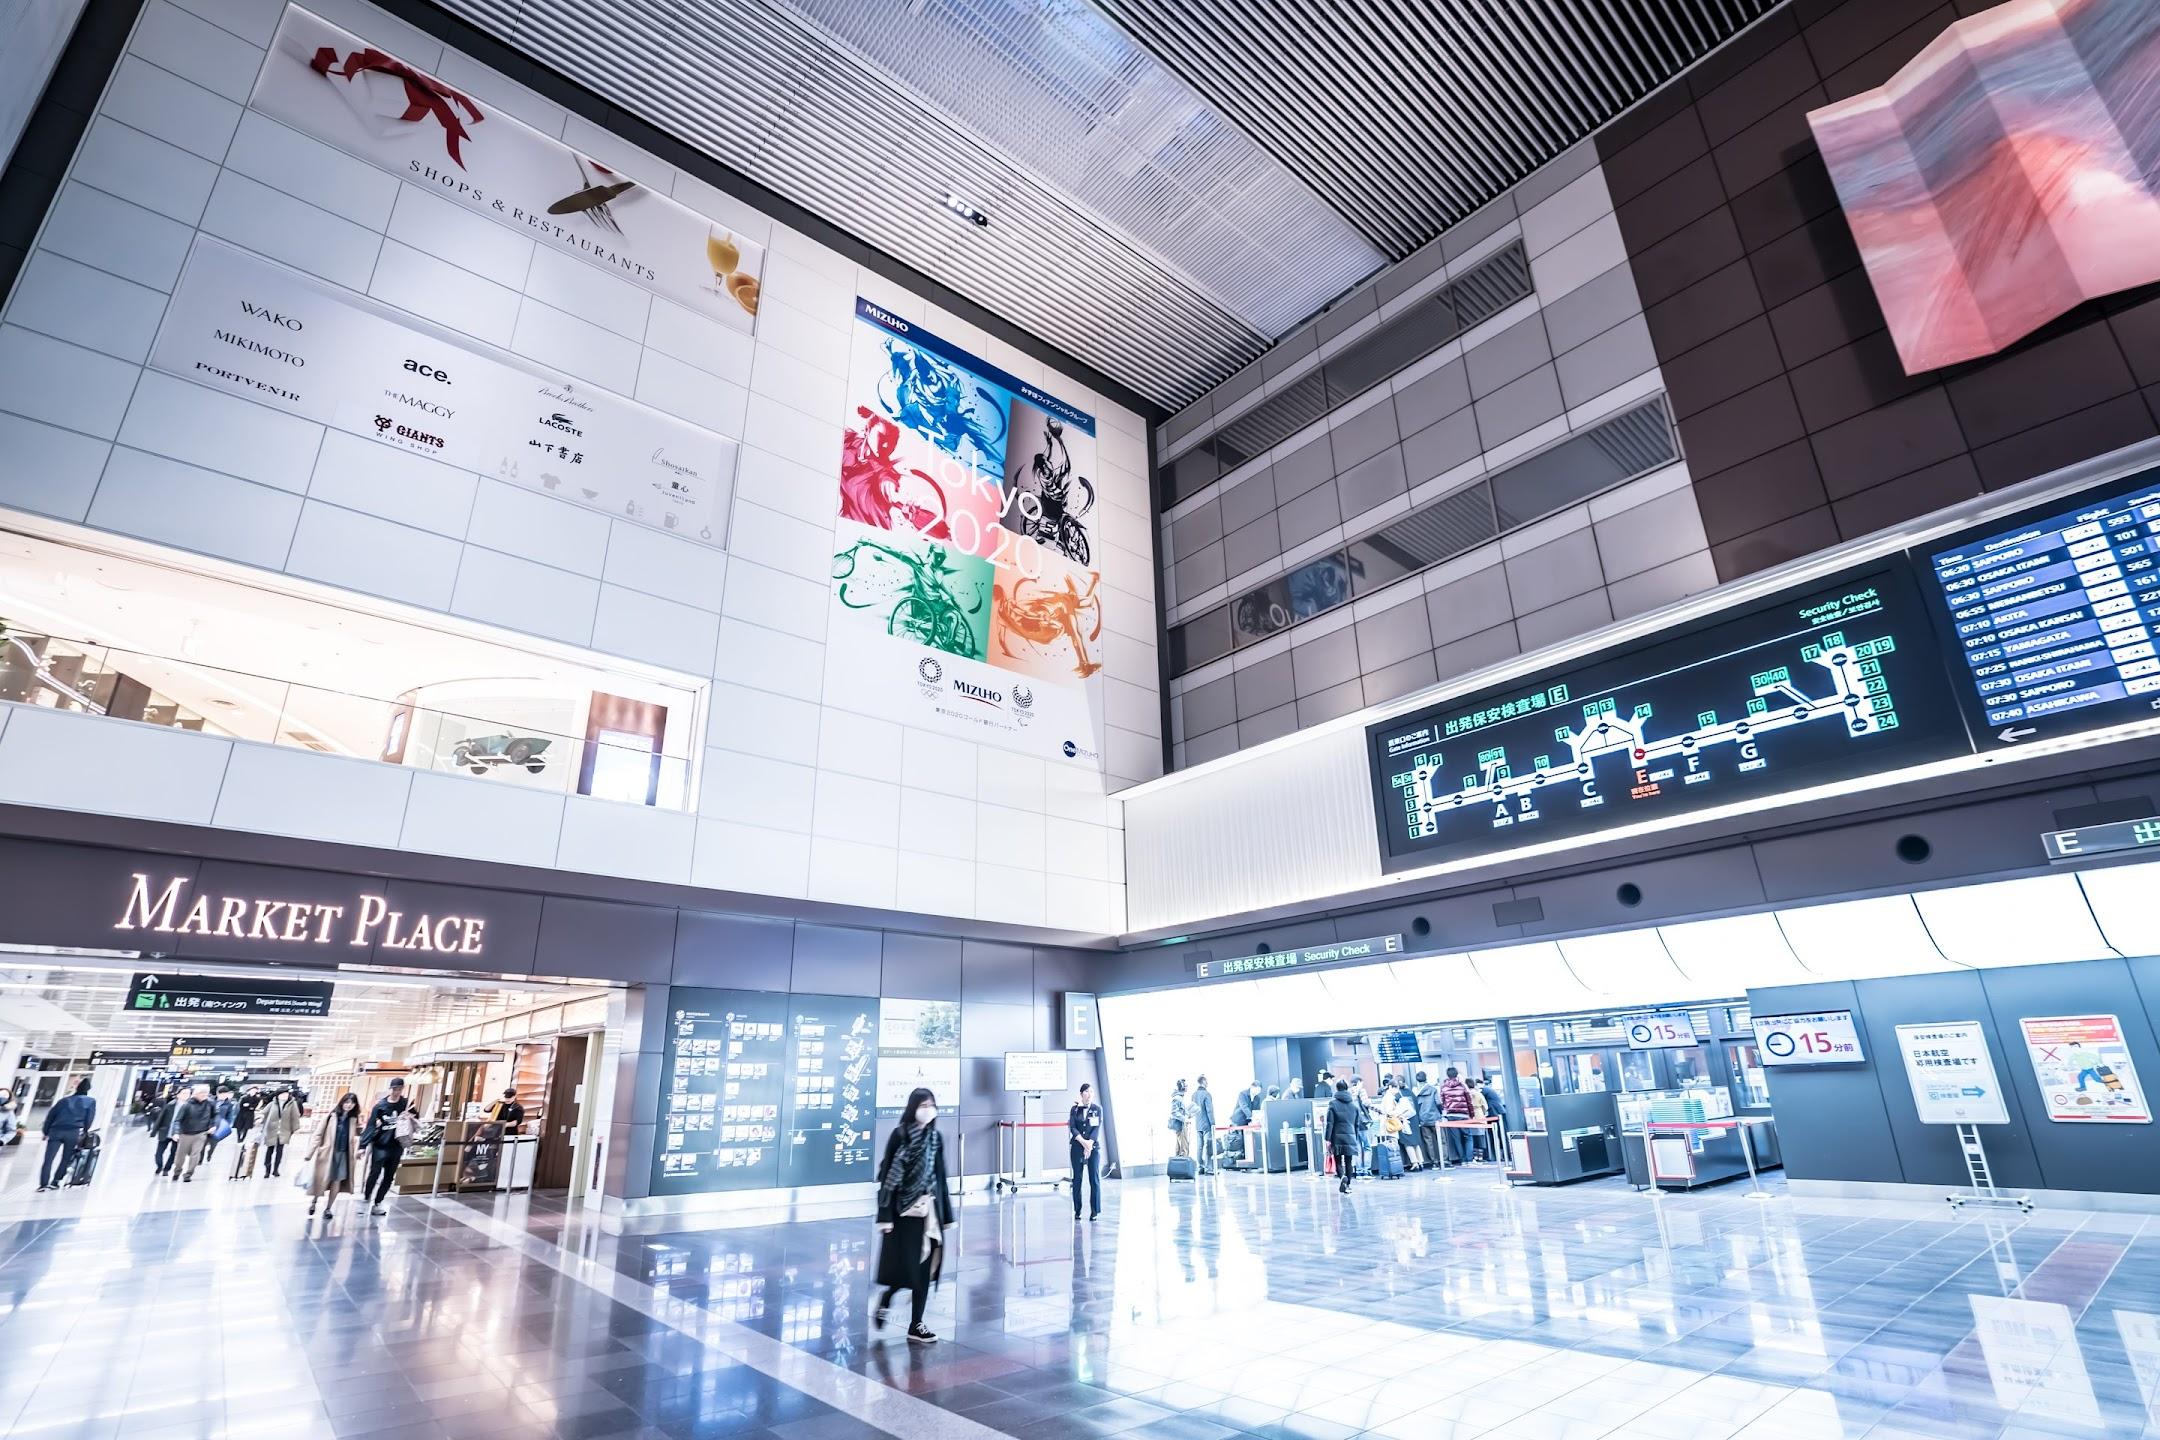 羽田空港第1旅客ターミナル